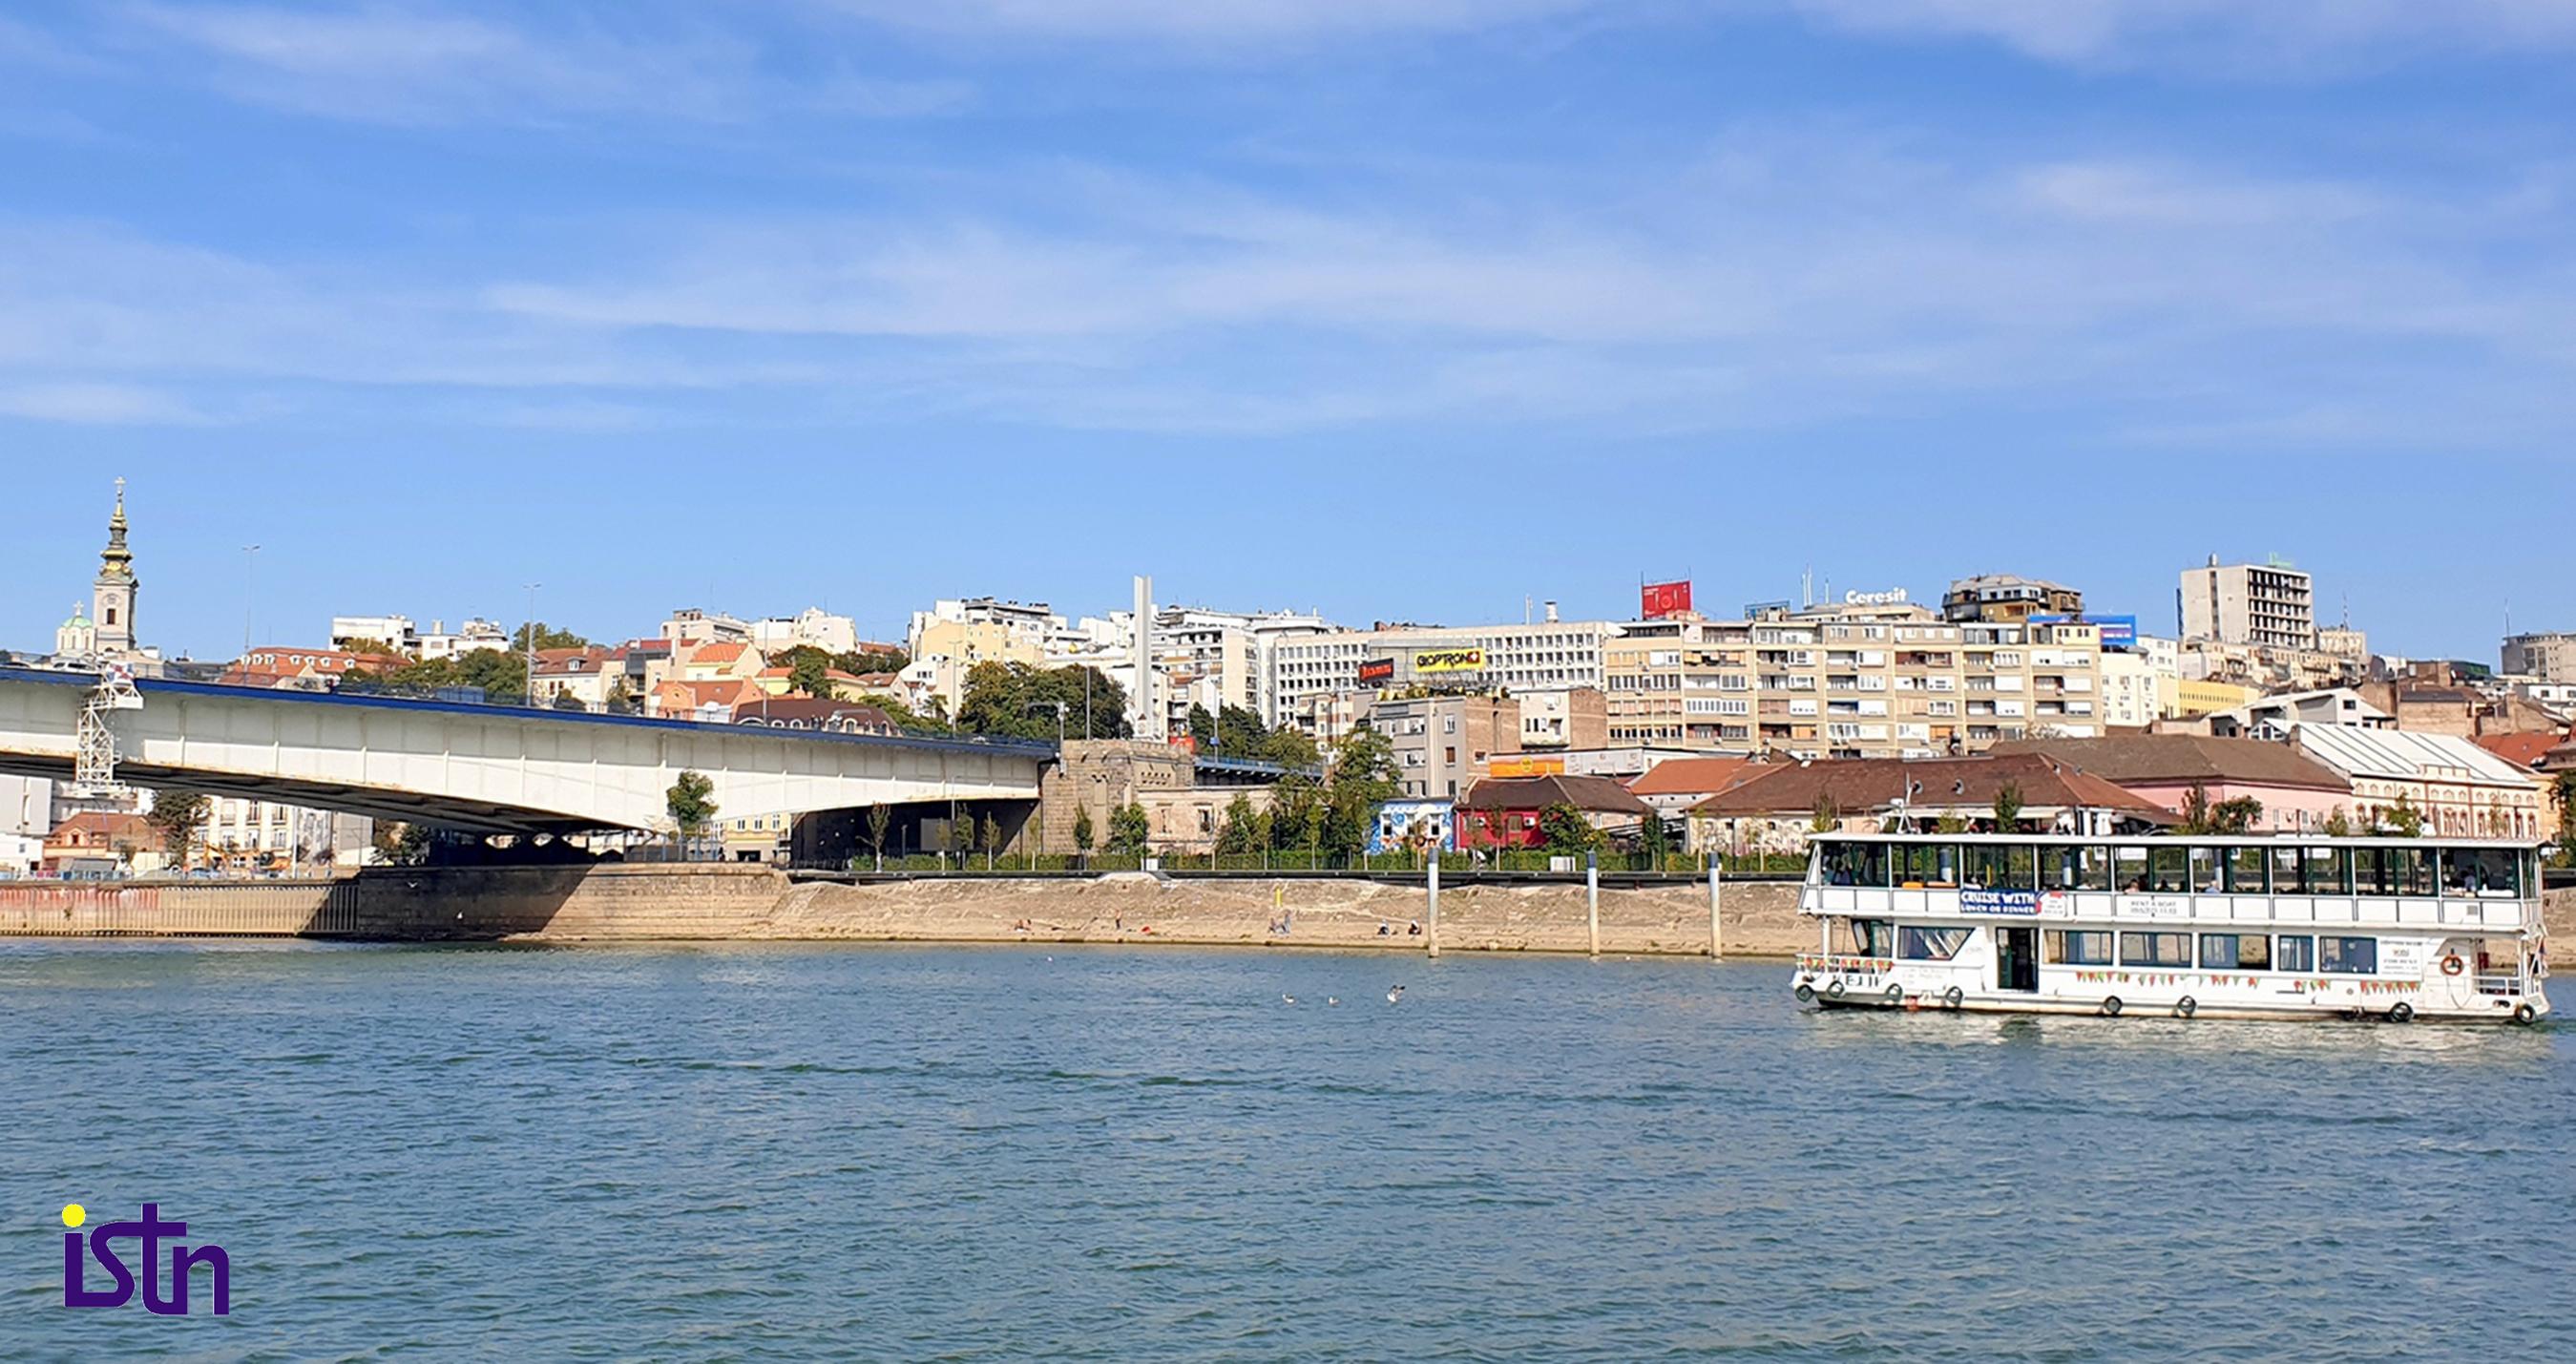 Turisti razgledaju Beograd sa vode, ISTN